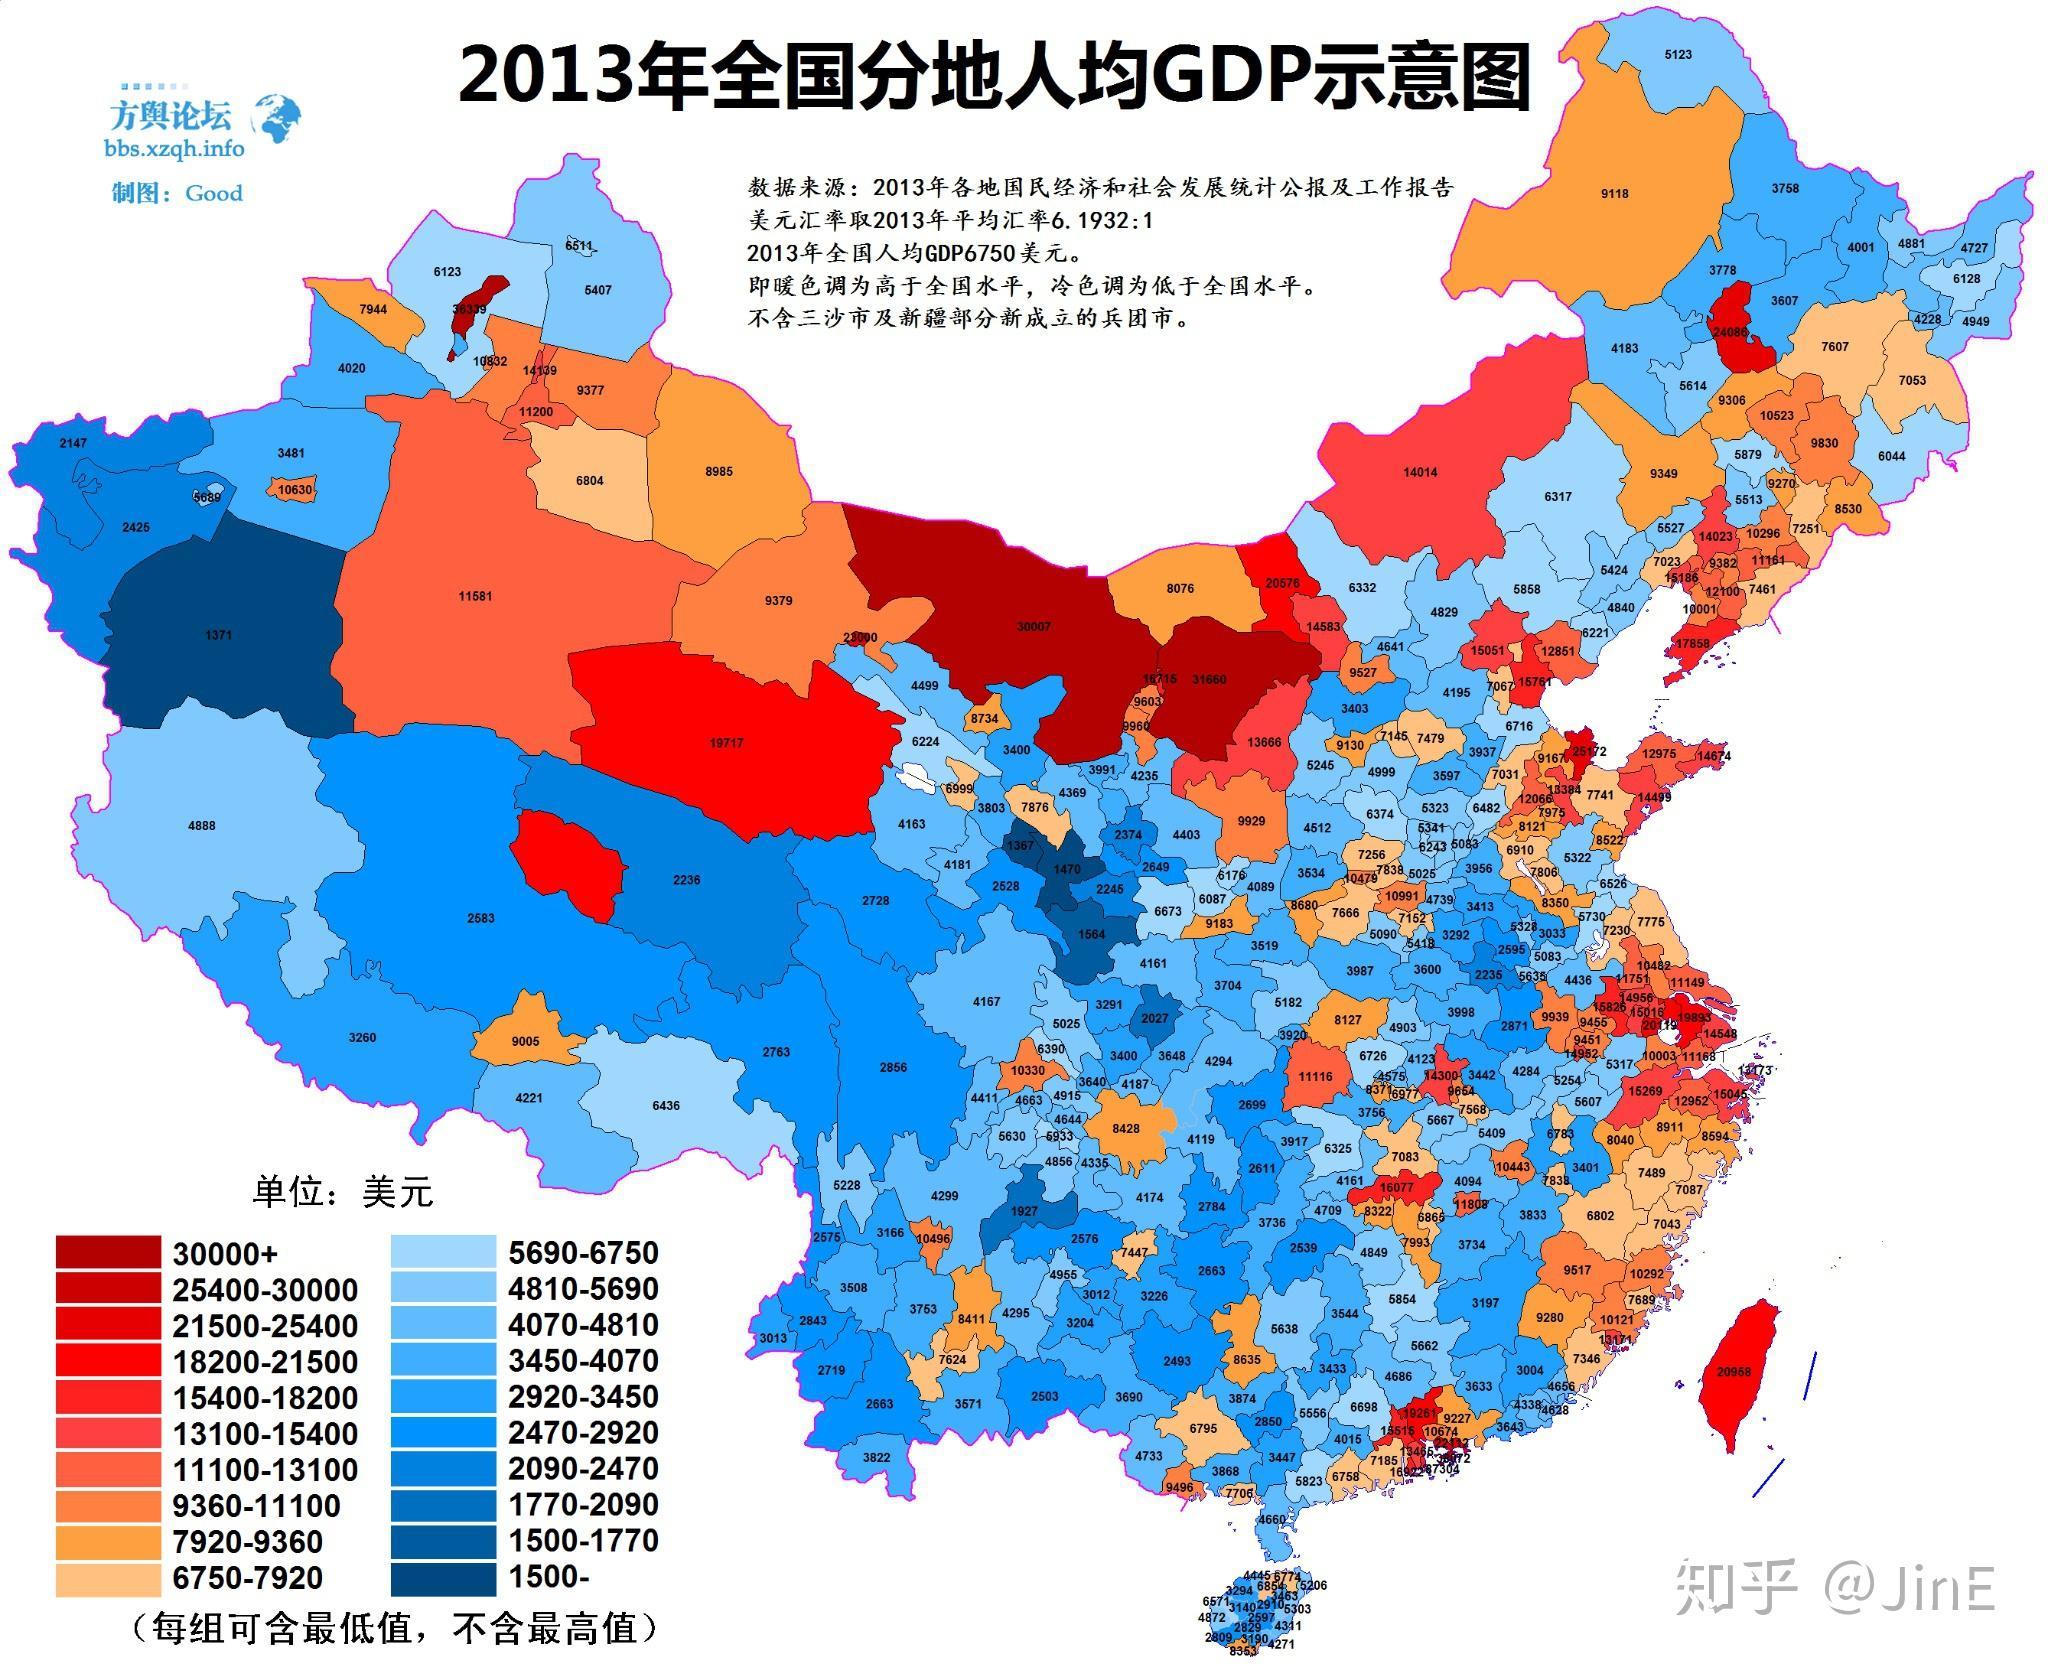 波密gdp_全国上半年gdp增速分布.